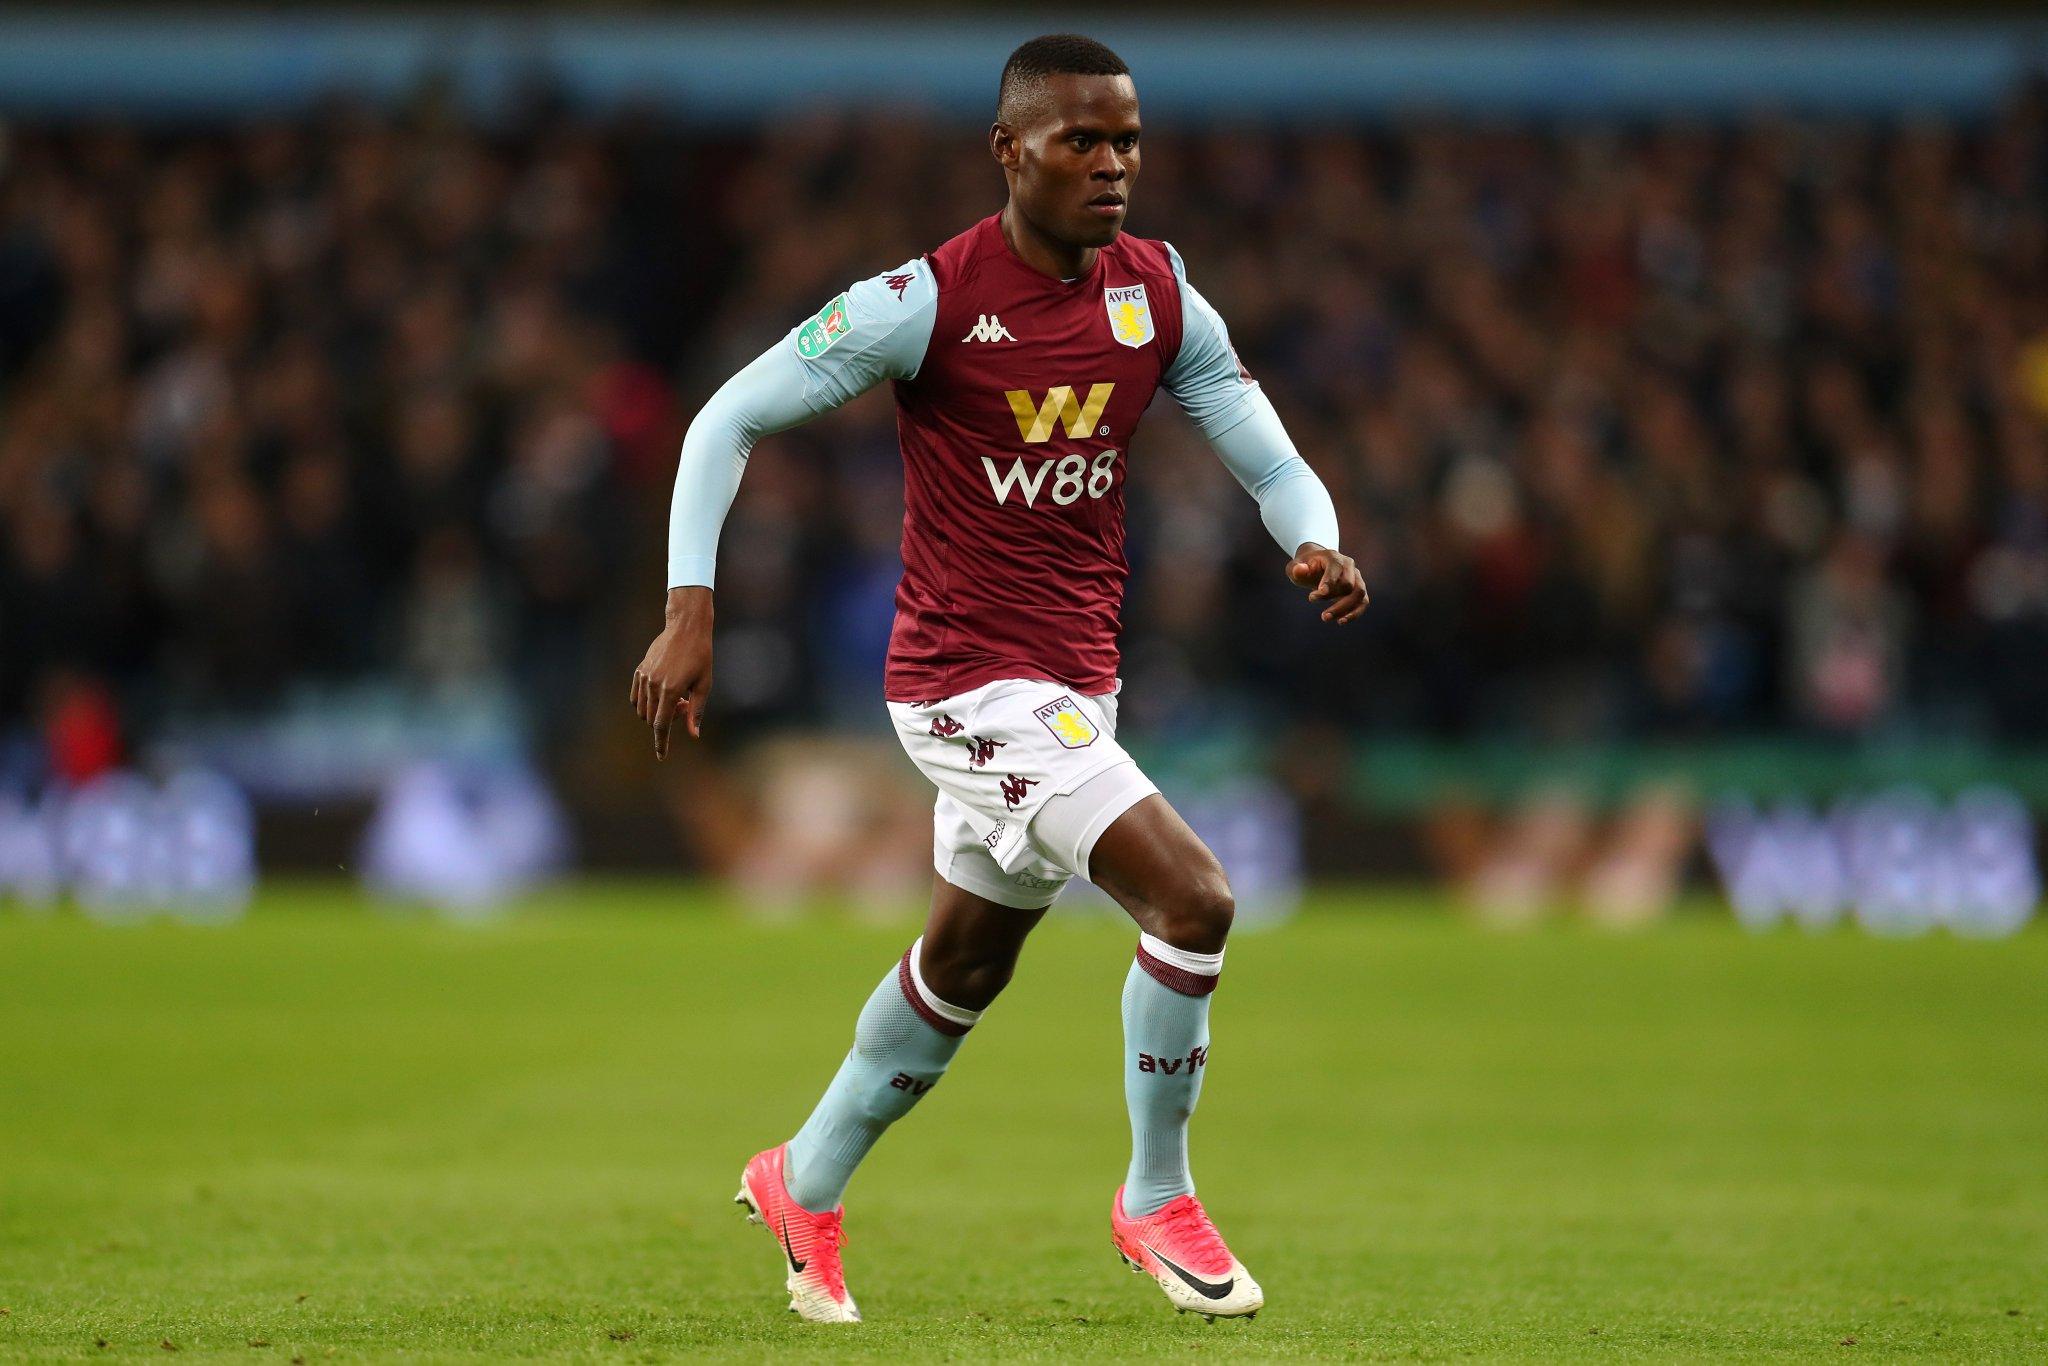 第一人!维拉前锋萨马塔成首位在英超进球的坦桑尼亚球员